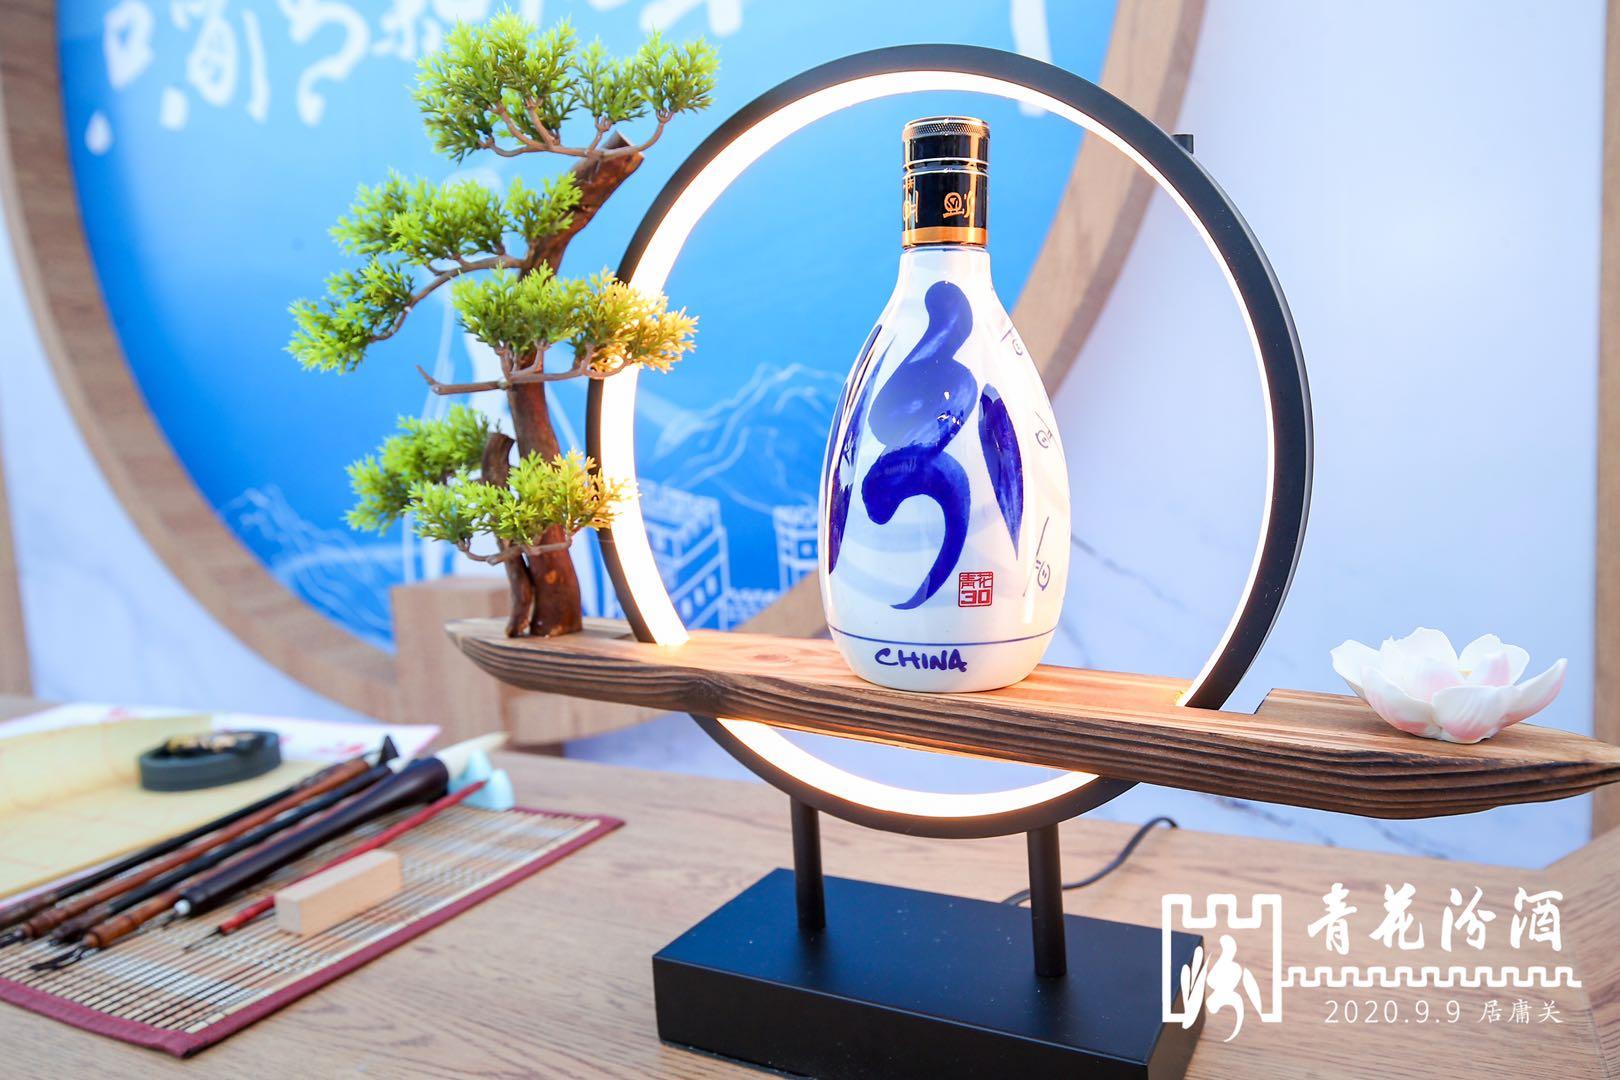 登居庸关诵汾酒赋,青花汾酒30·复兴版开启高品质生活极致之旅